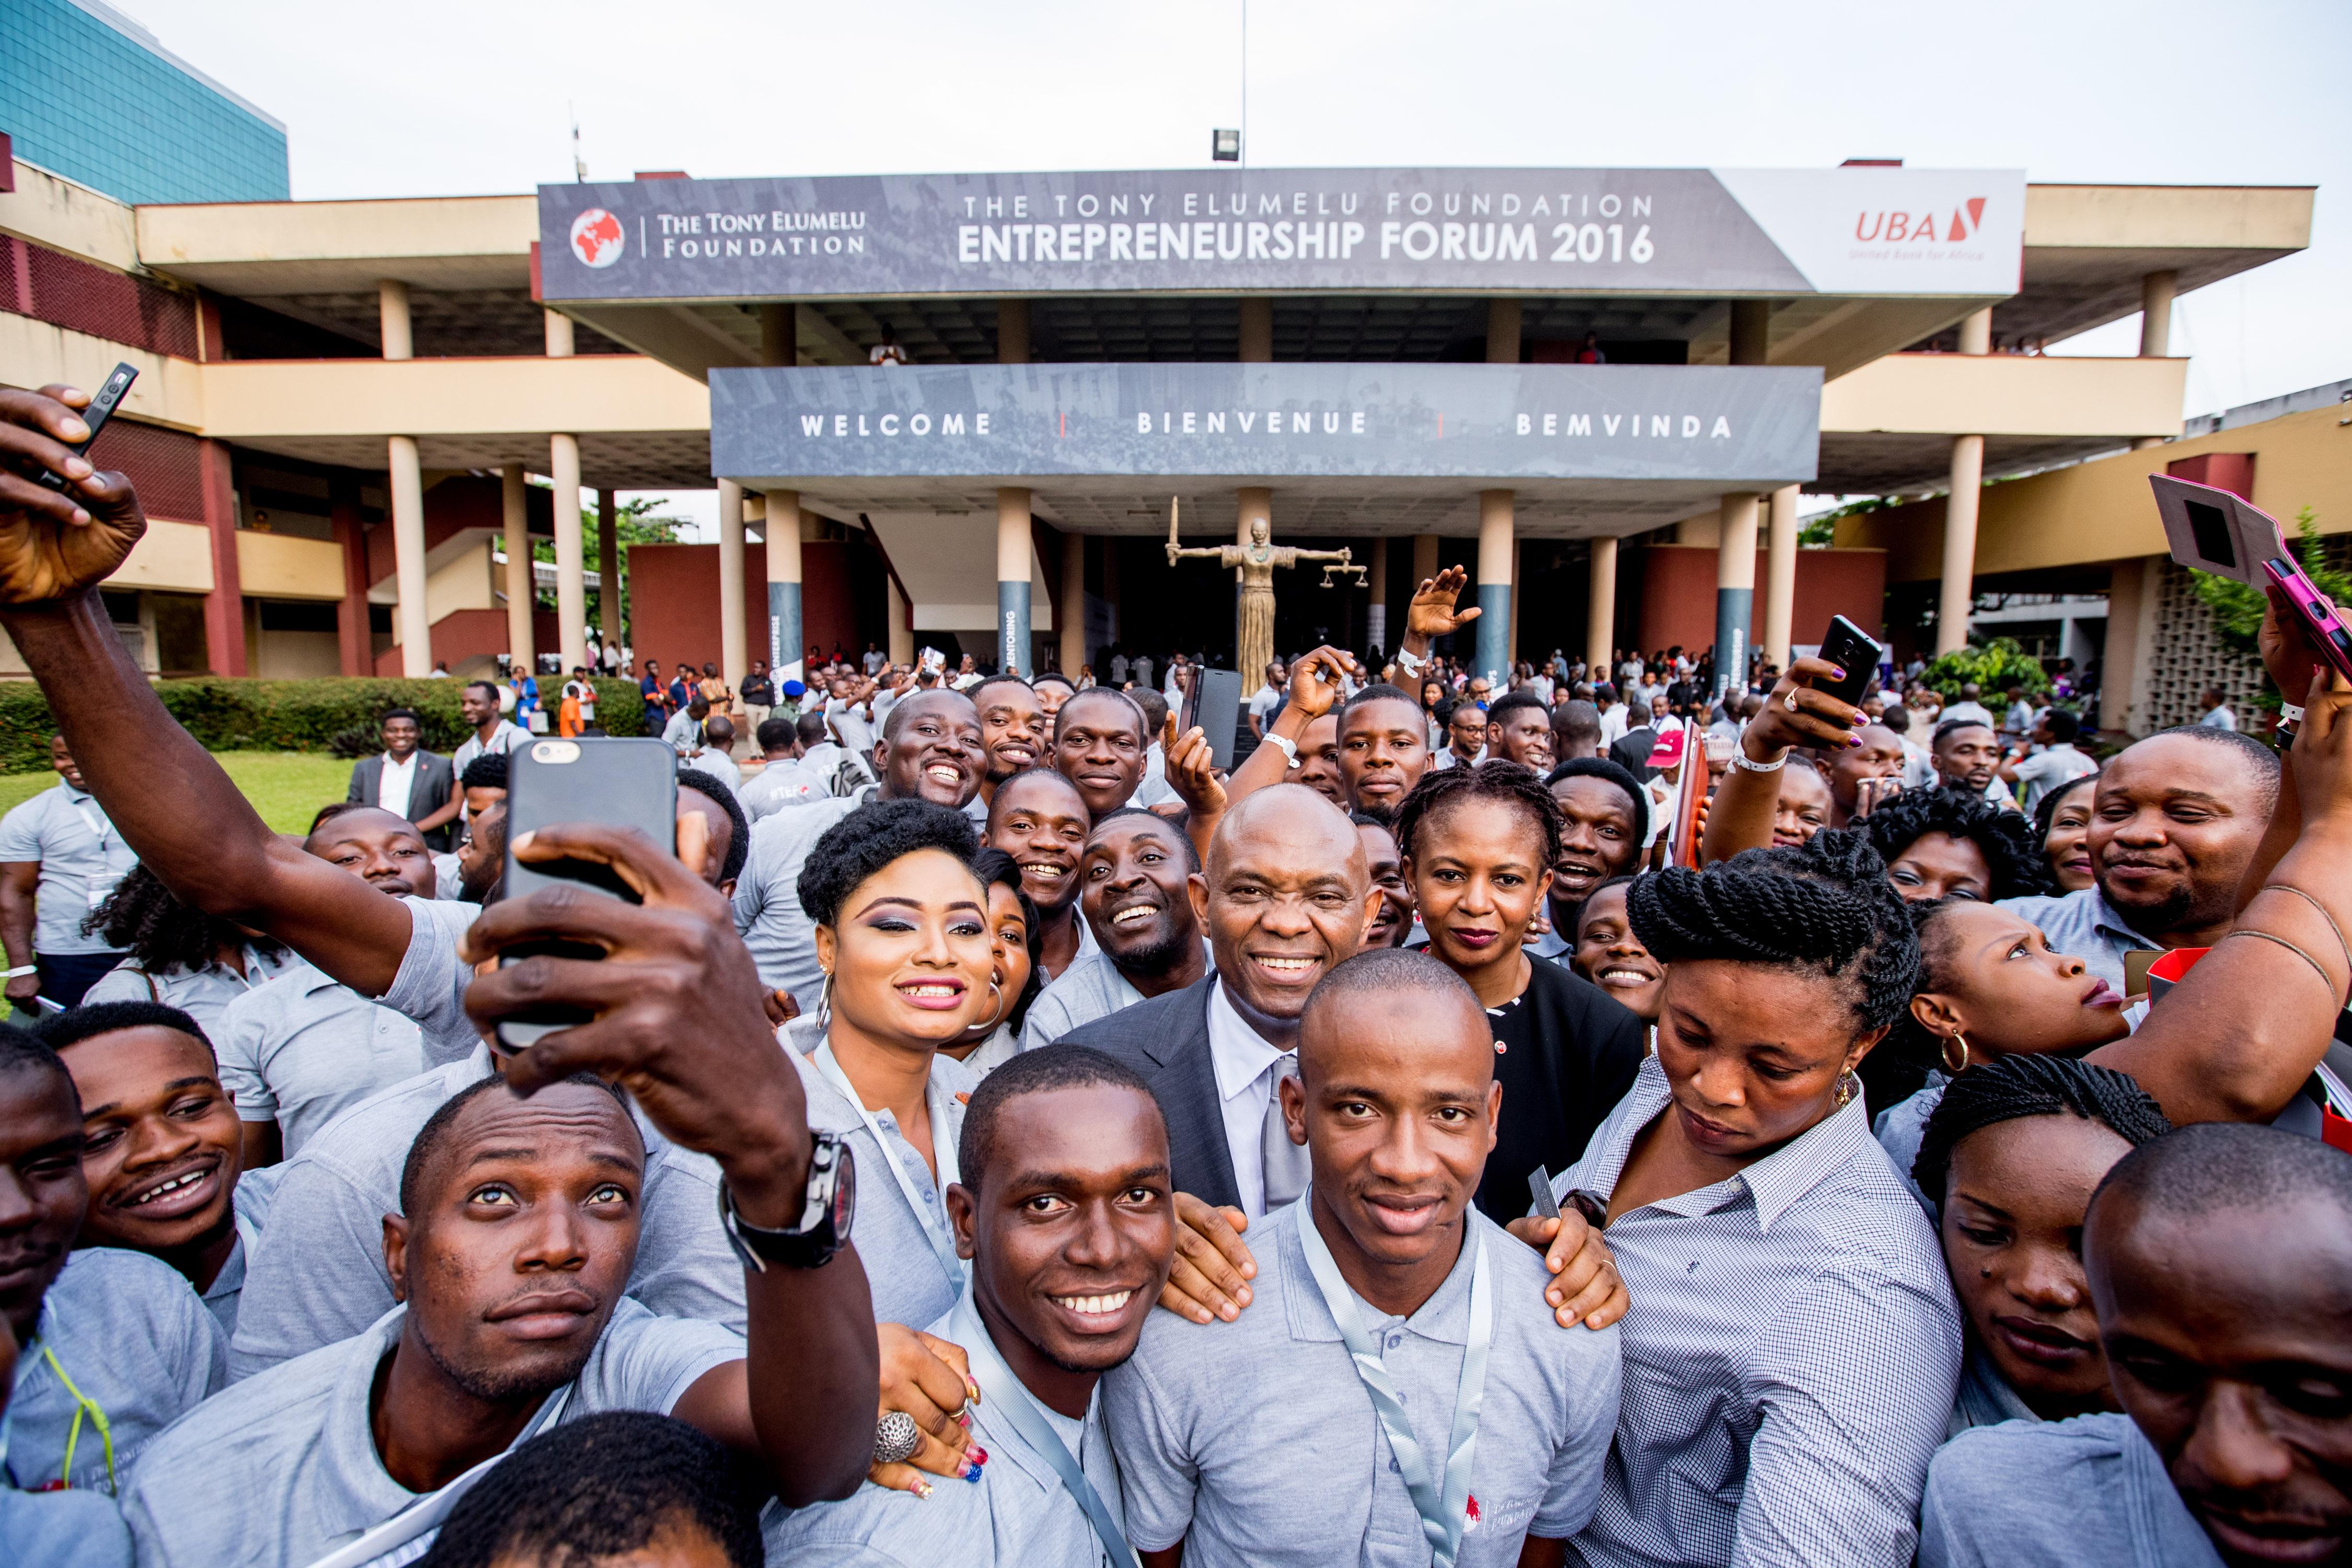 Νιγηρία dating φόρουμ ιστοσελίδες γνωριμιών στο Λάγκος Νιγηρίας